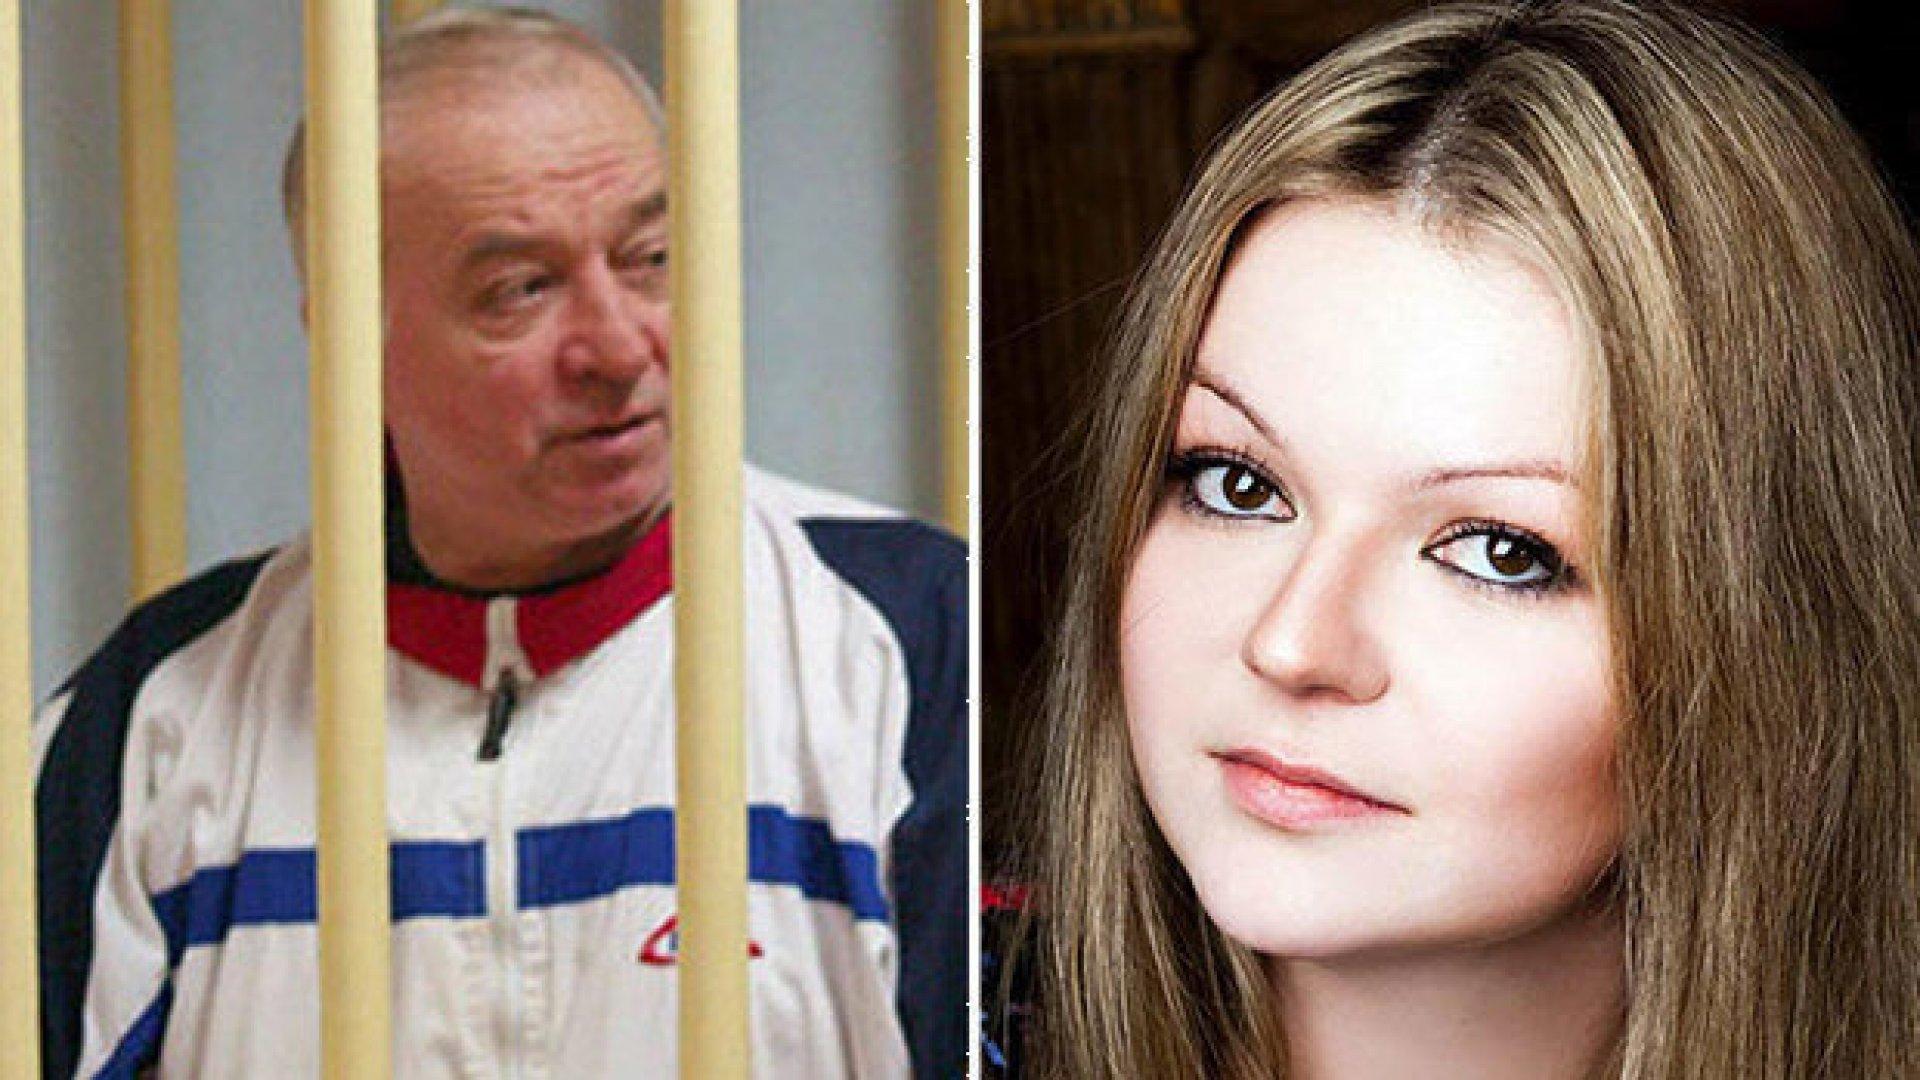 نامزد یولیا اسکریپال که خود و پدرش سه سال پیش قربانی حمله با عامل اعصاب نوویچوک قرار گرفتند به یکباره ناپدید شده است.